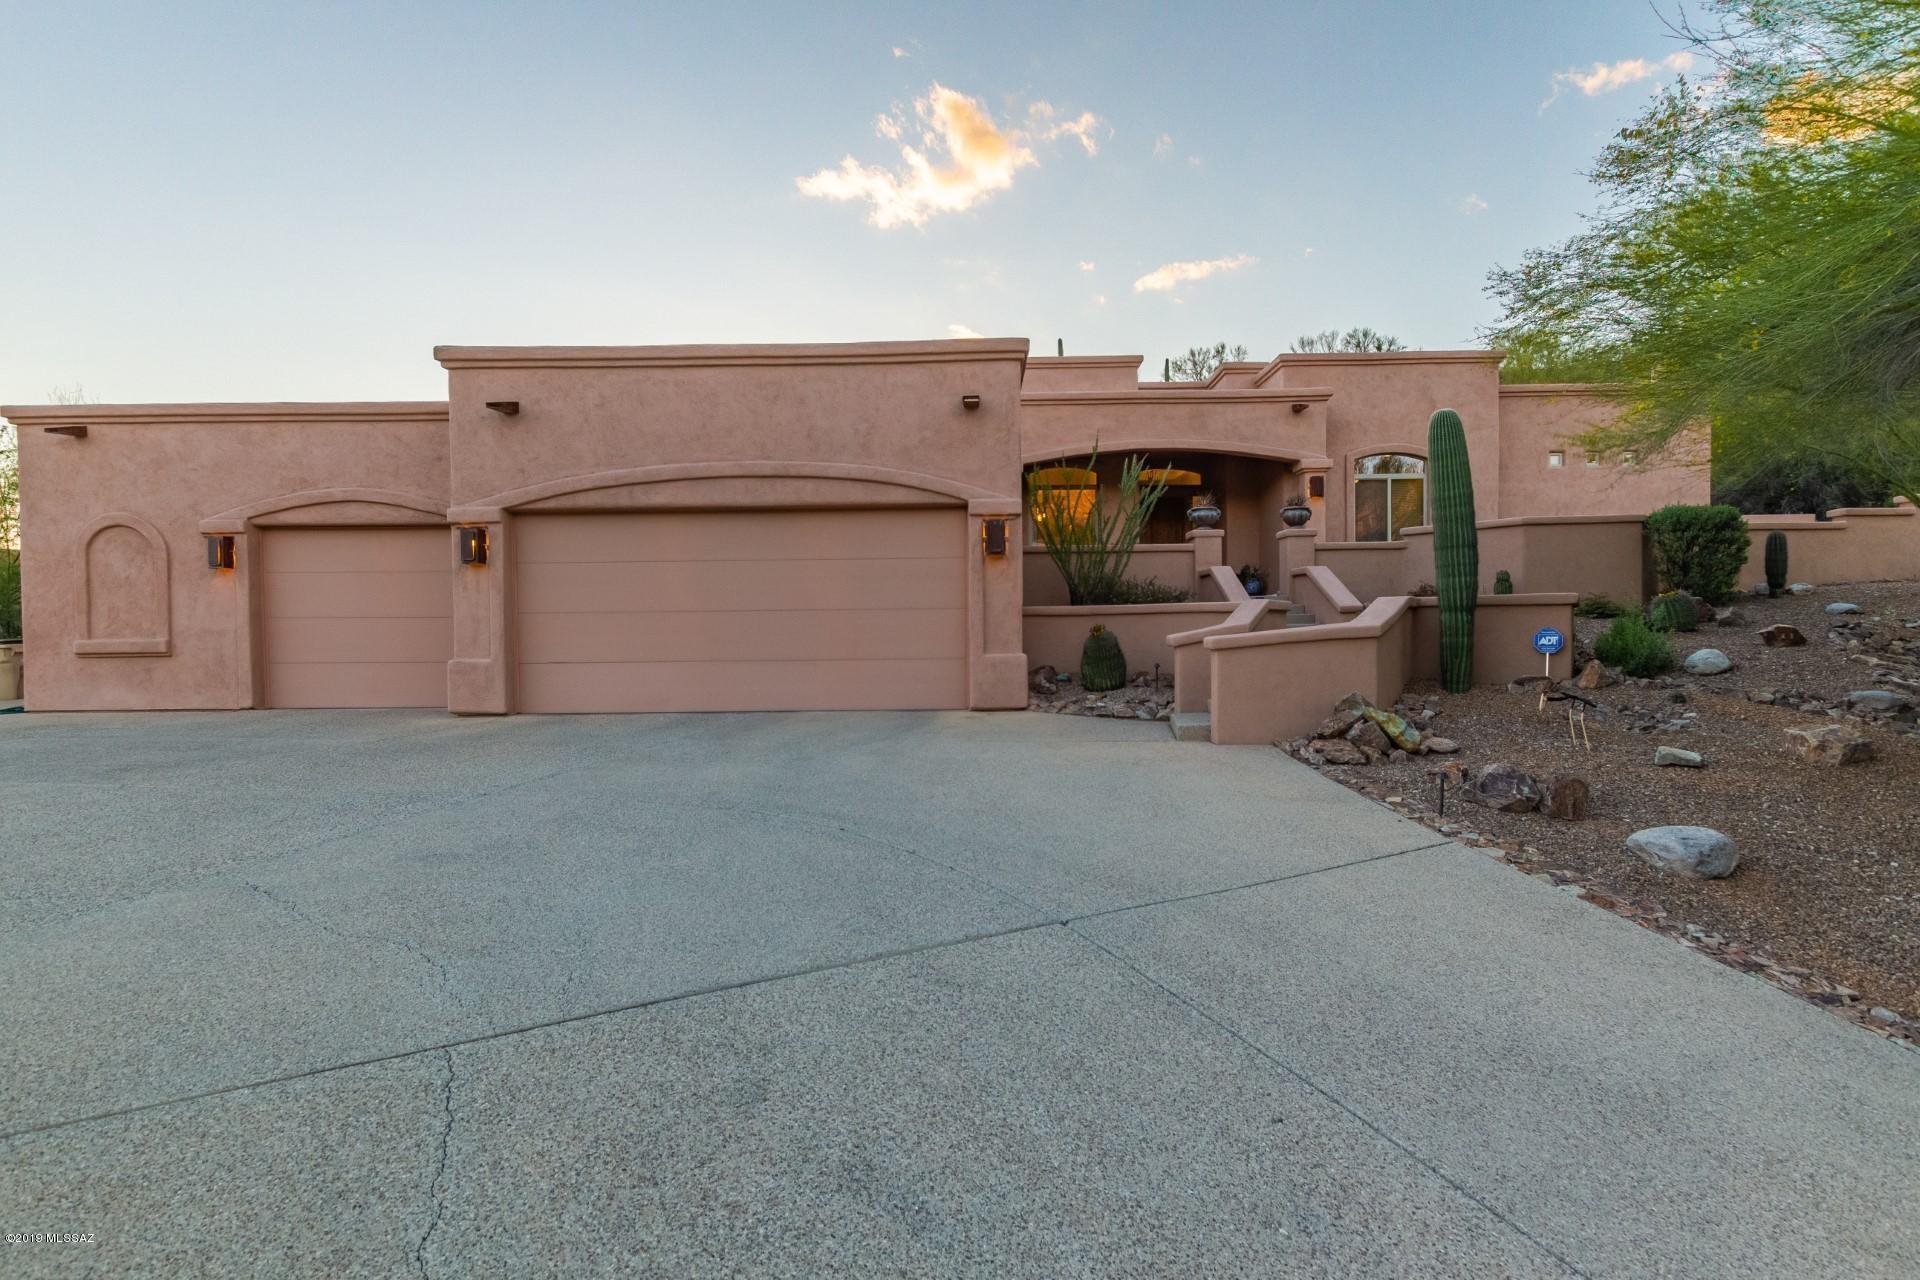 Photo of 6801 E Snyder Road, Tucson, AZ 85750